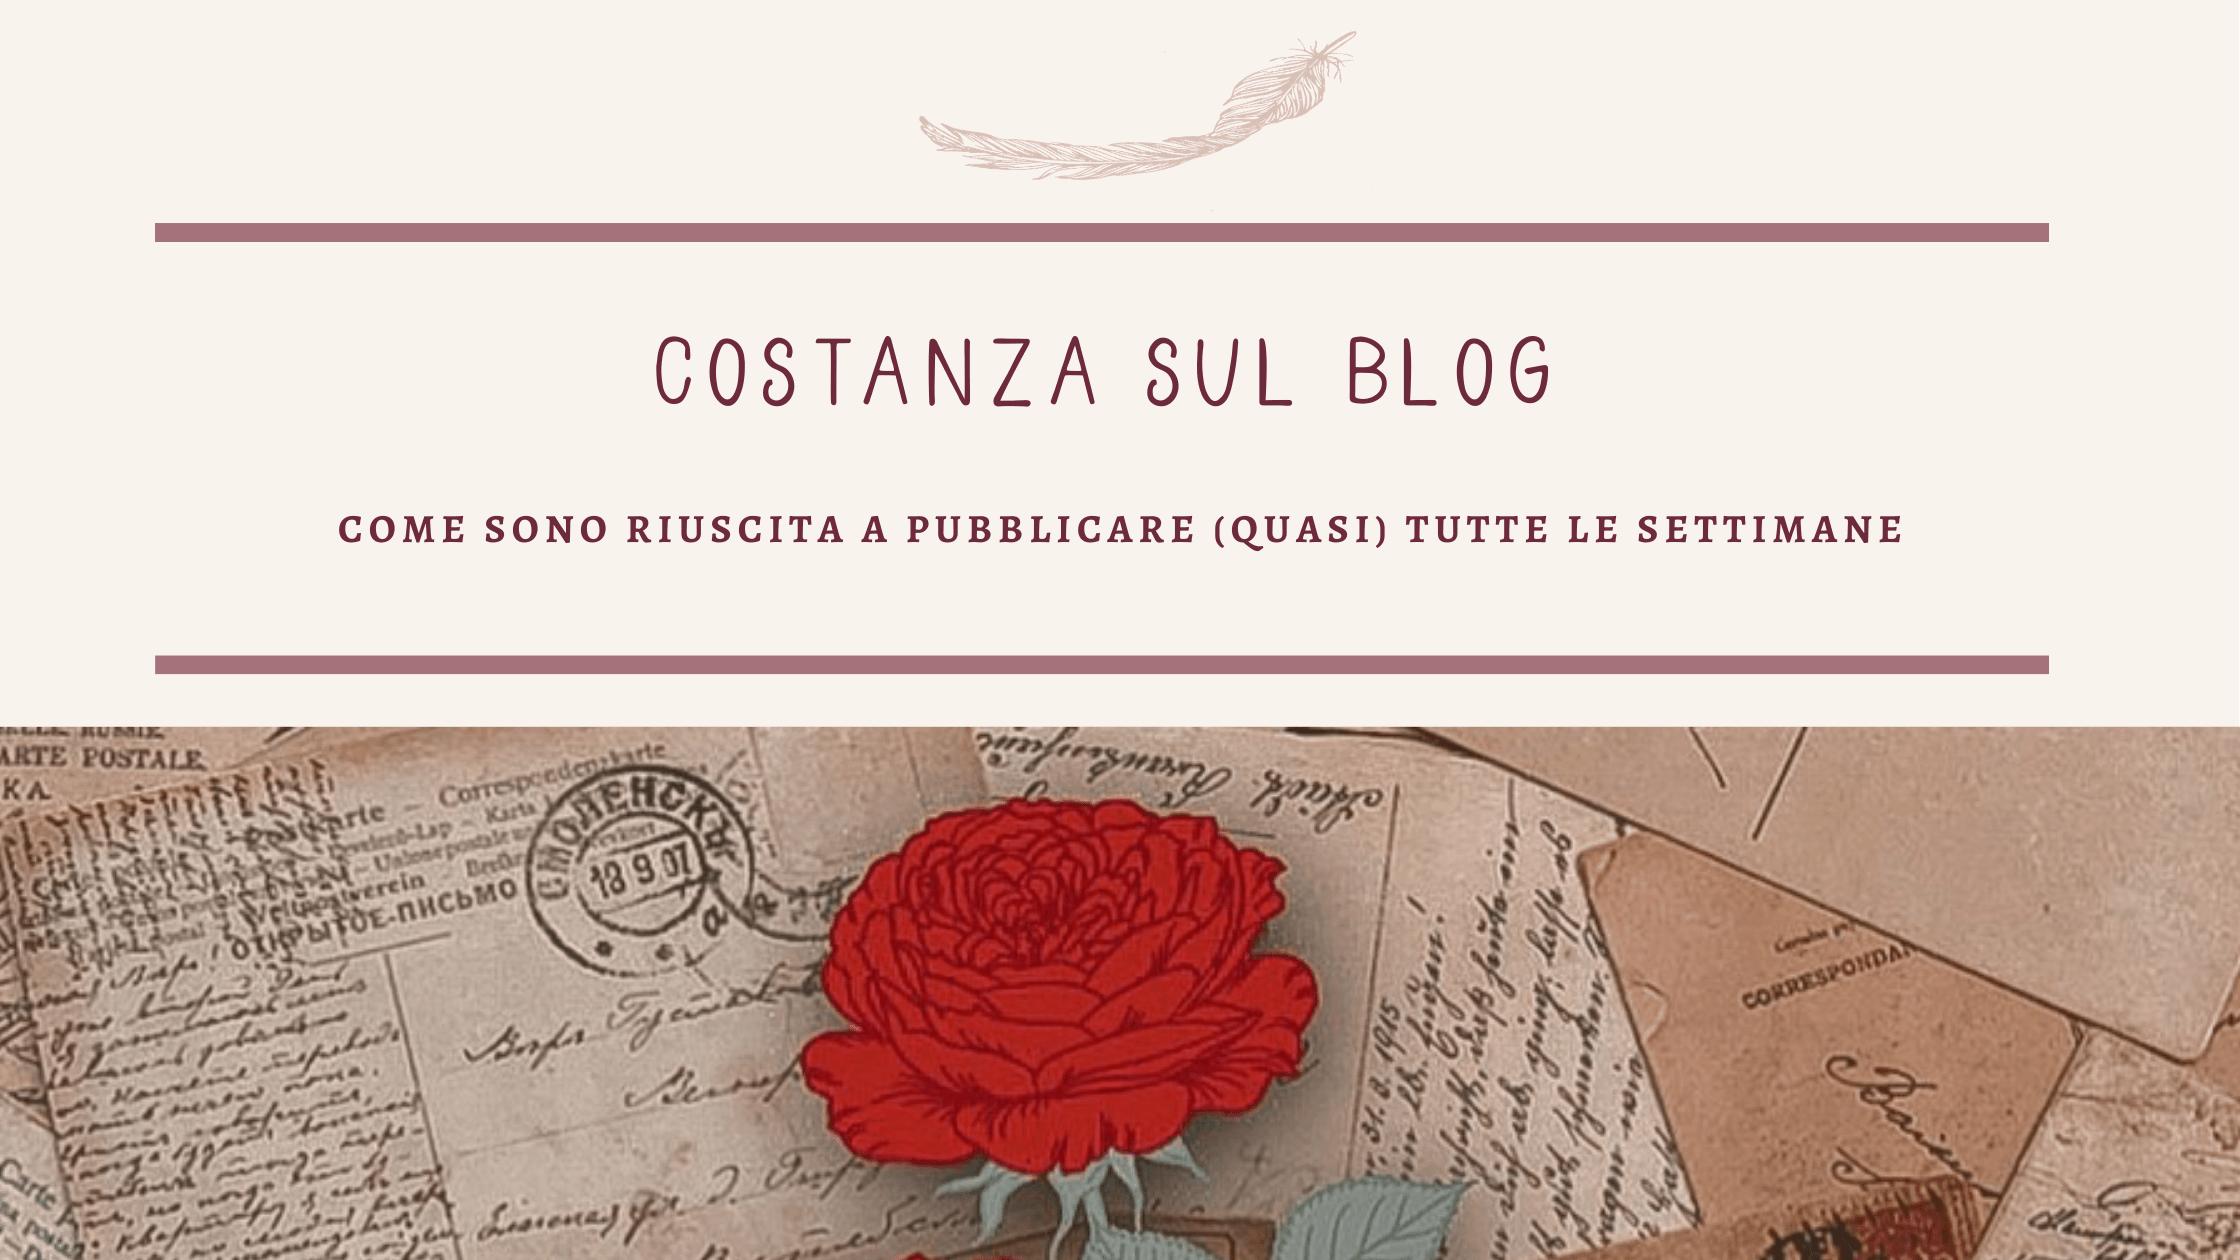 Costanza sul Blog: ecco come sono riuscita a pubblicare (quasi) tutte le settimane